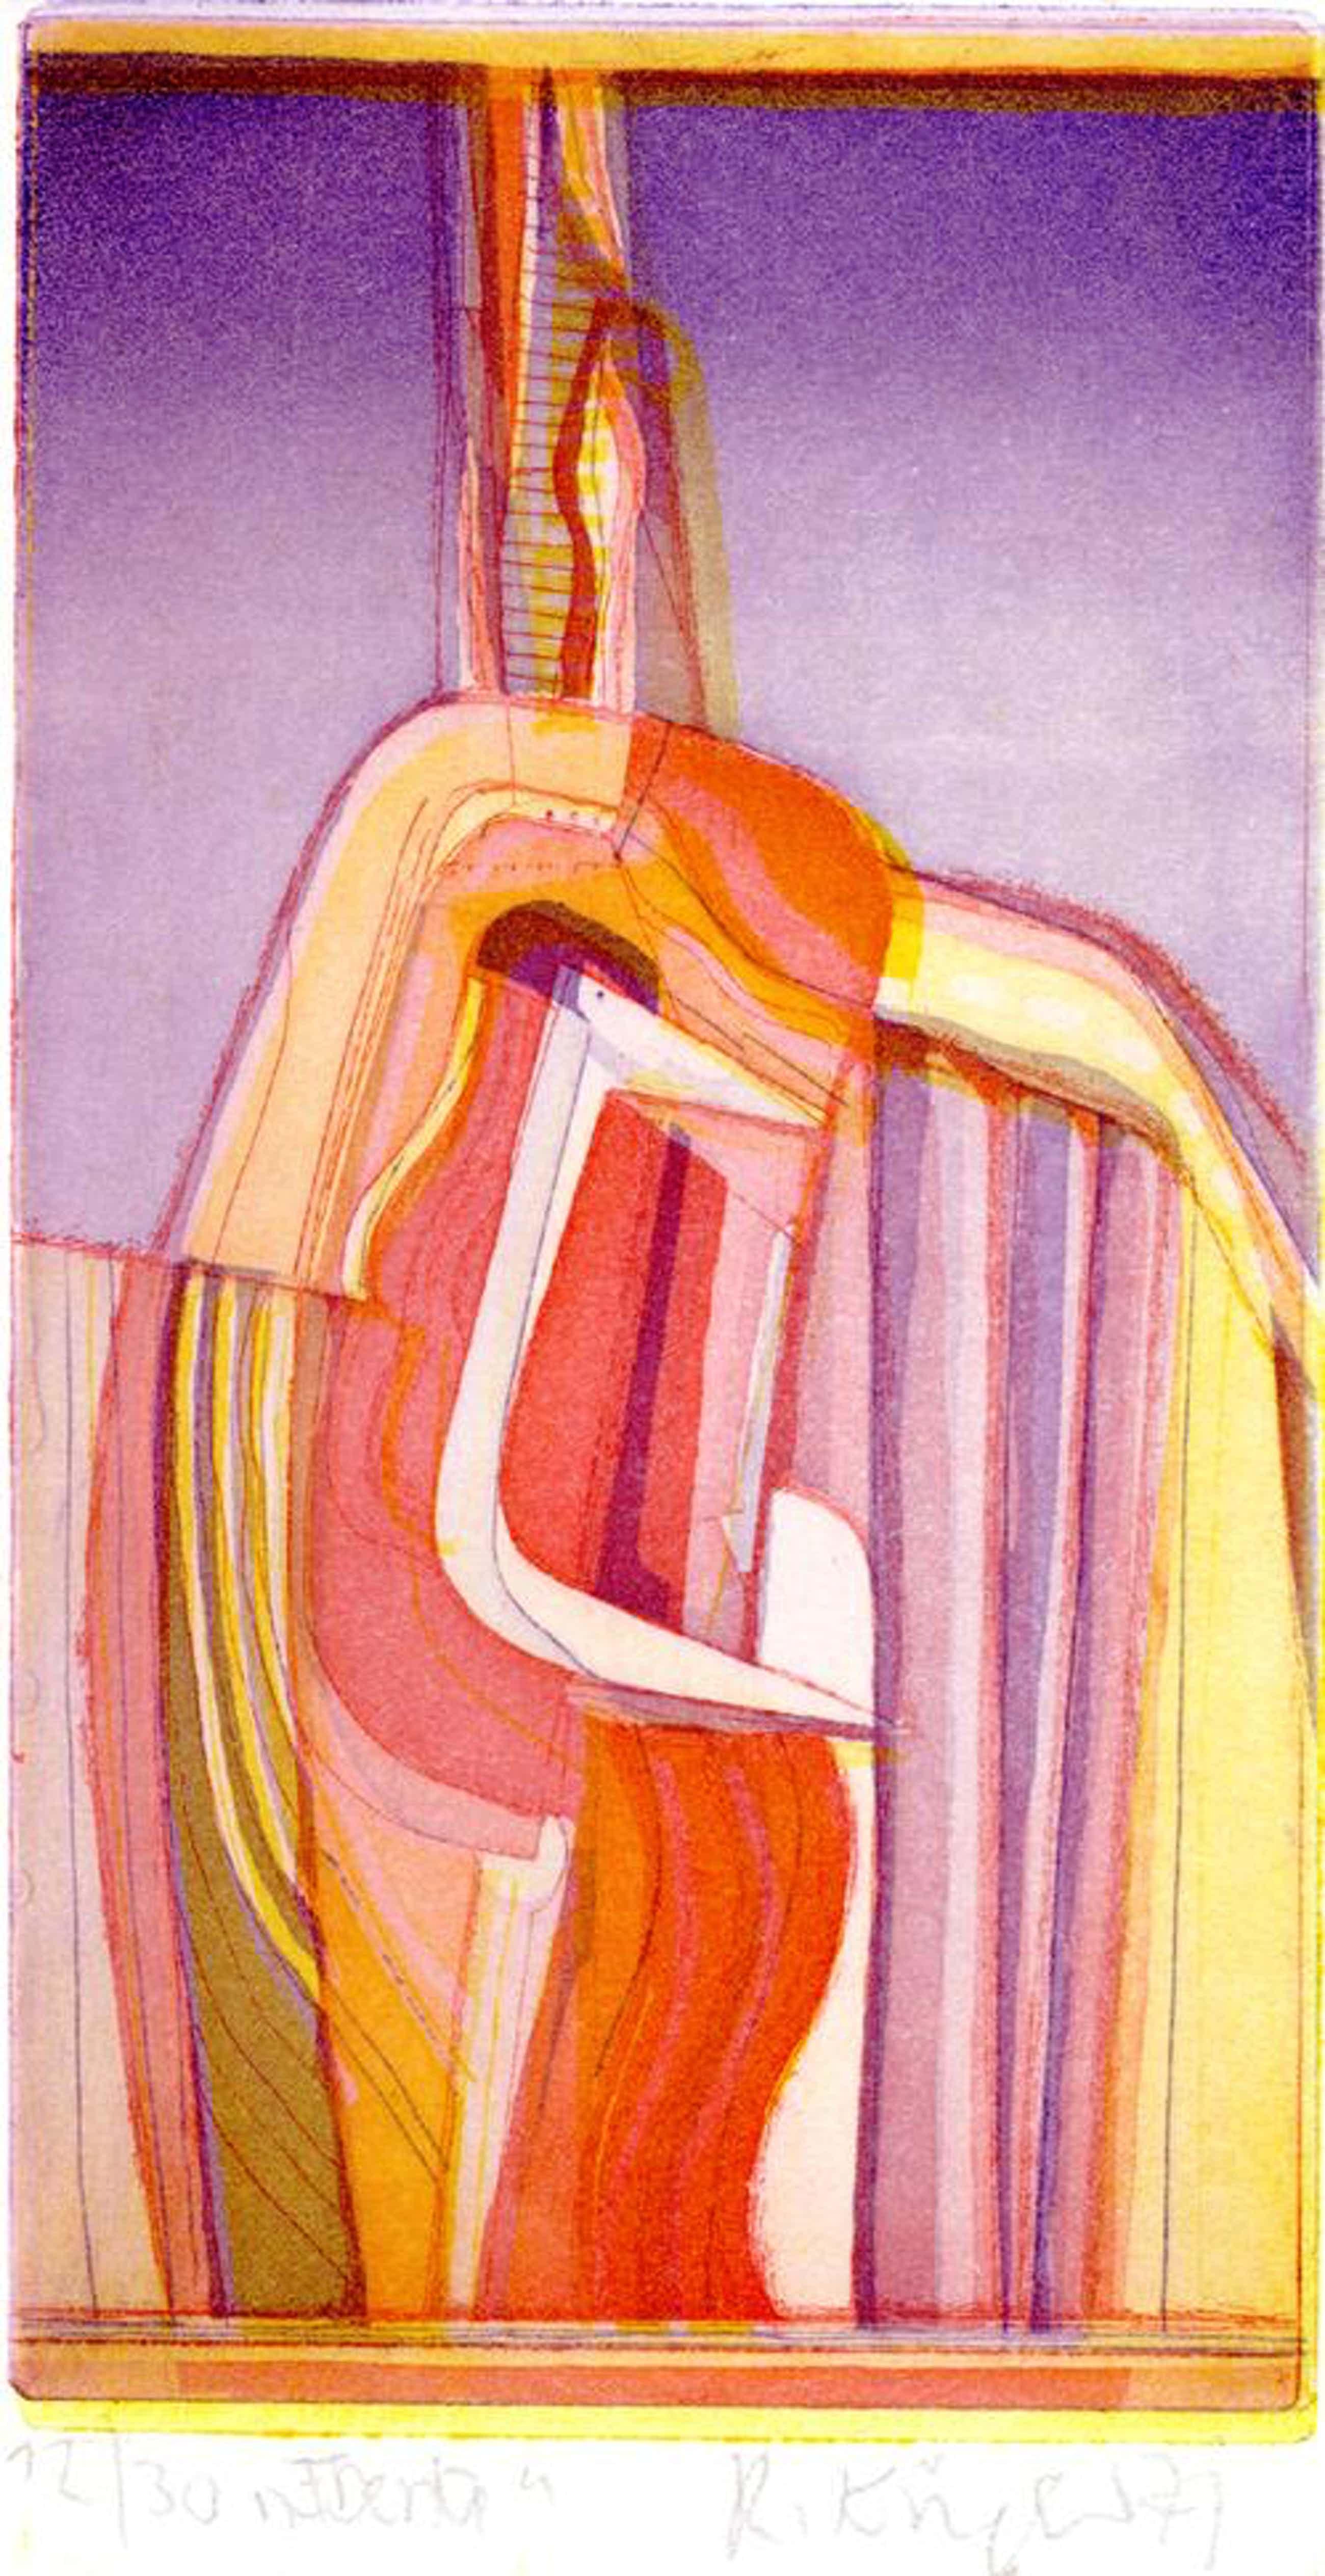 Rudolf Kügler - Iberia, Farbradierung, 1971 kopen? Bied vanaf 98!